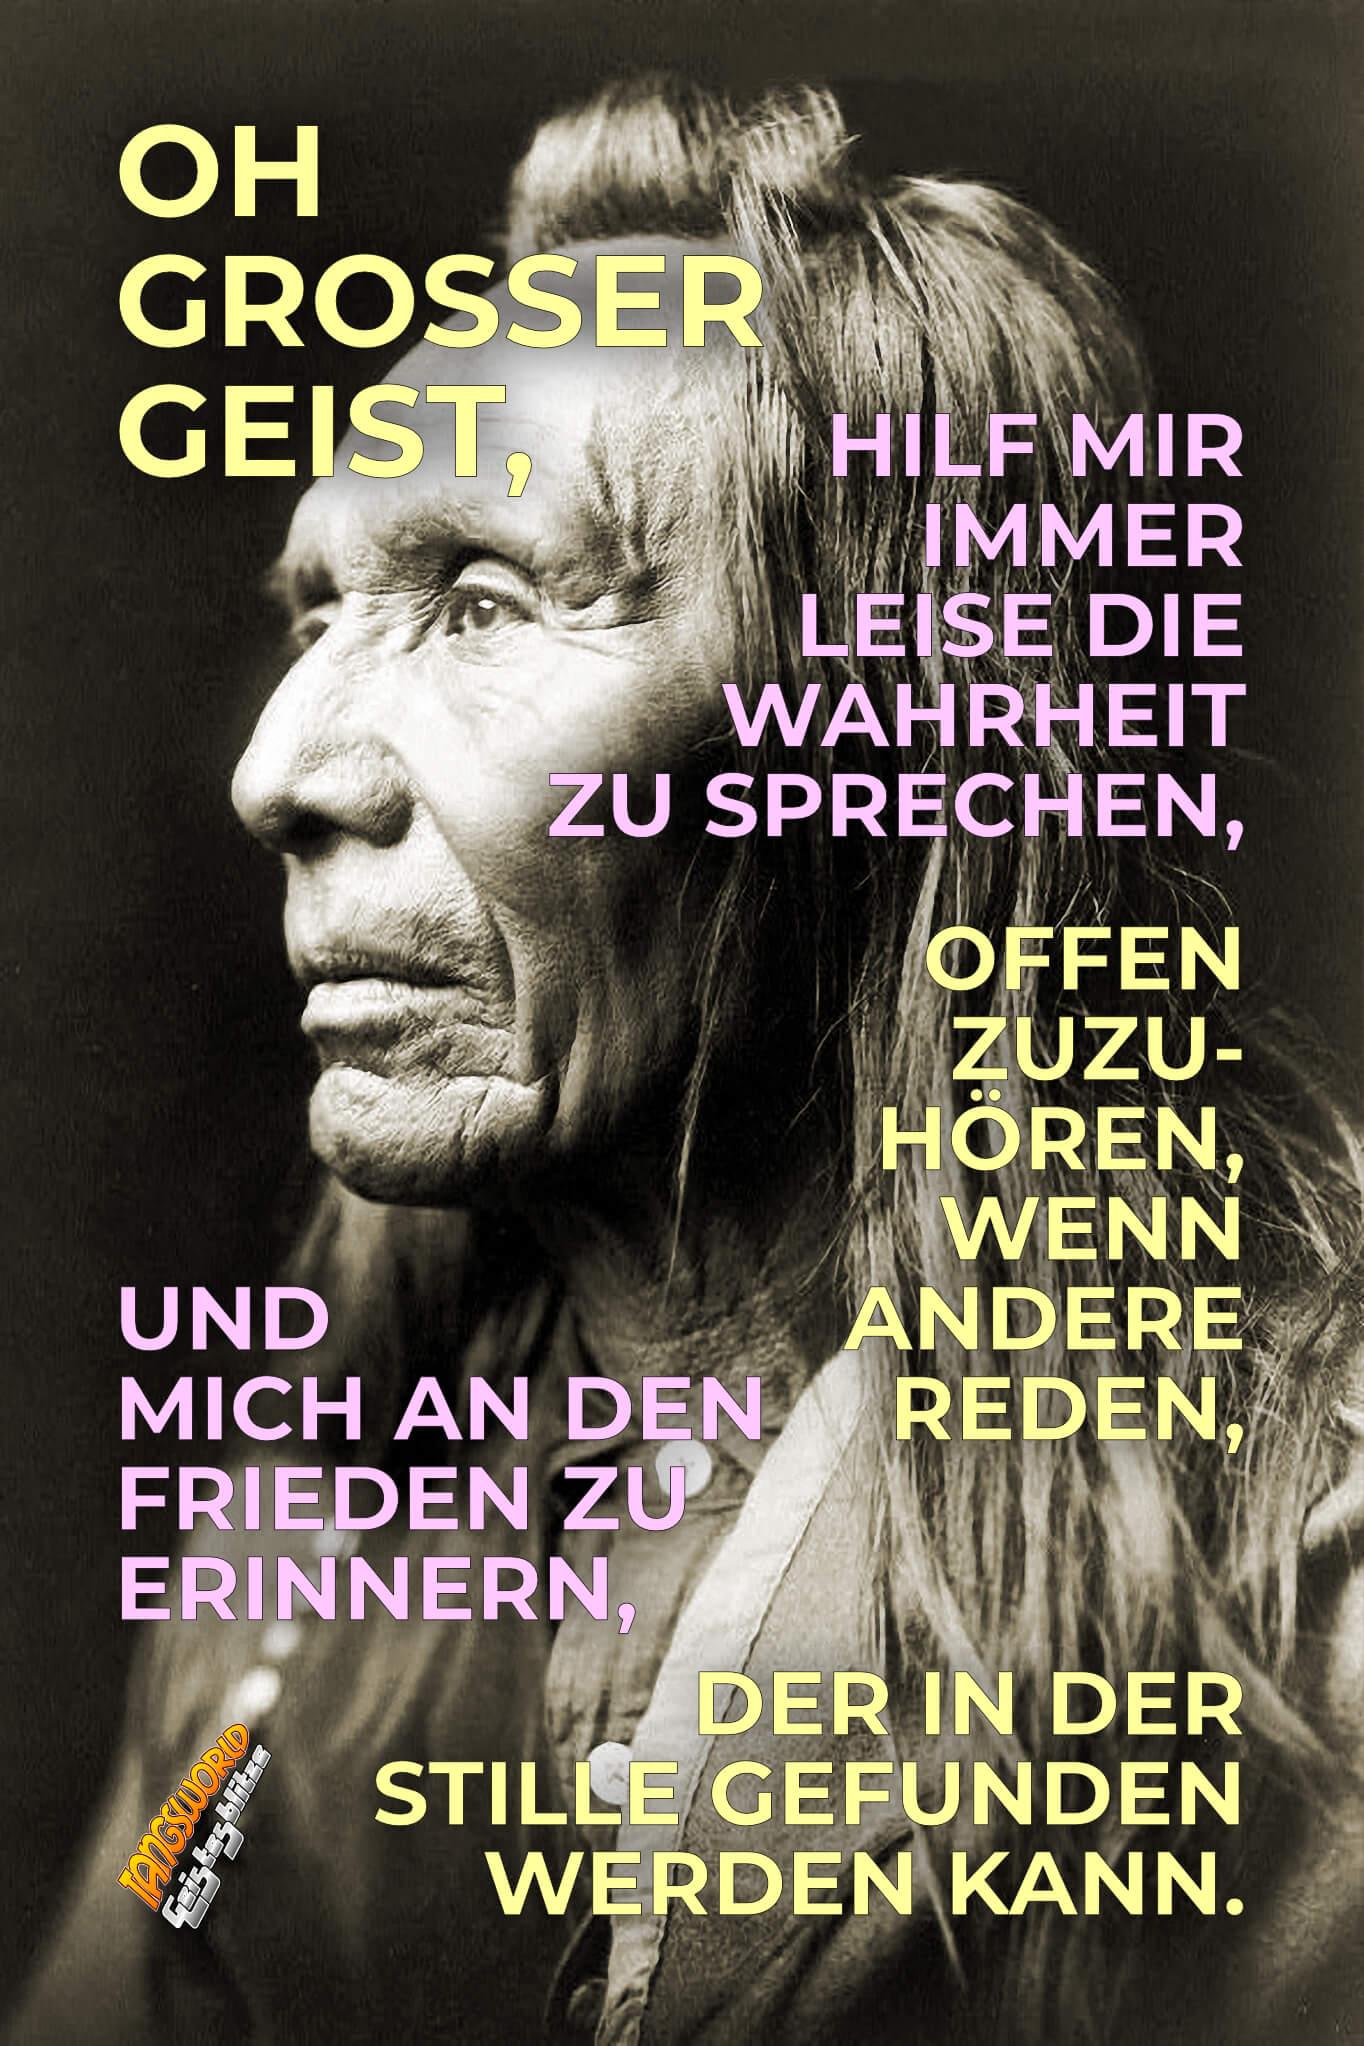 Oh großer Geist, hilf mir, immer leise die Wahrheit zu sprechen, offen zuzuhören, wenn andere reden, und mich an den Frieden zu erinnern, der in der Stille gefunden werden kann. - Geistesblitze | Gebet der Cherokee